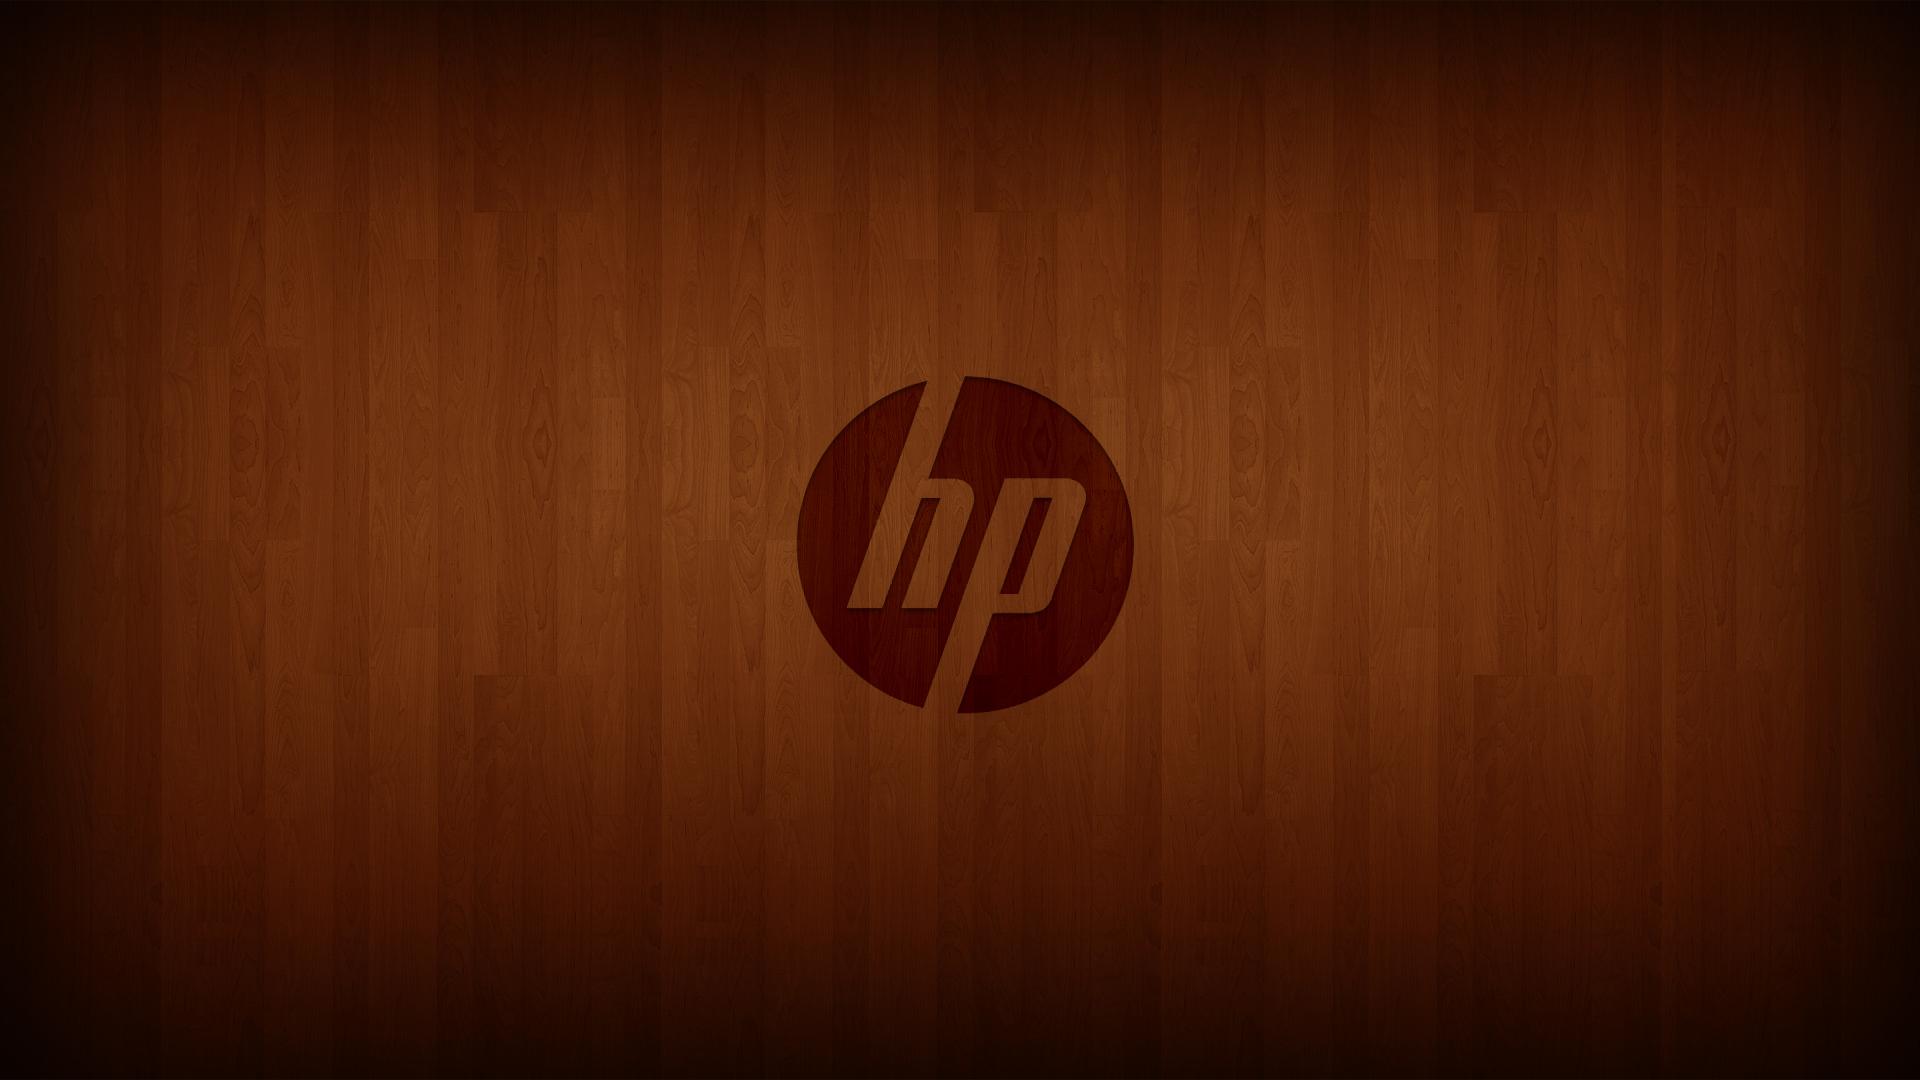 Hp hd wallpaper widescreen 1920x1080 wallpapersafari for Wallpaper ordinateur